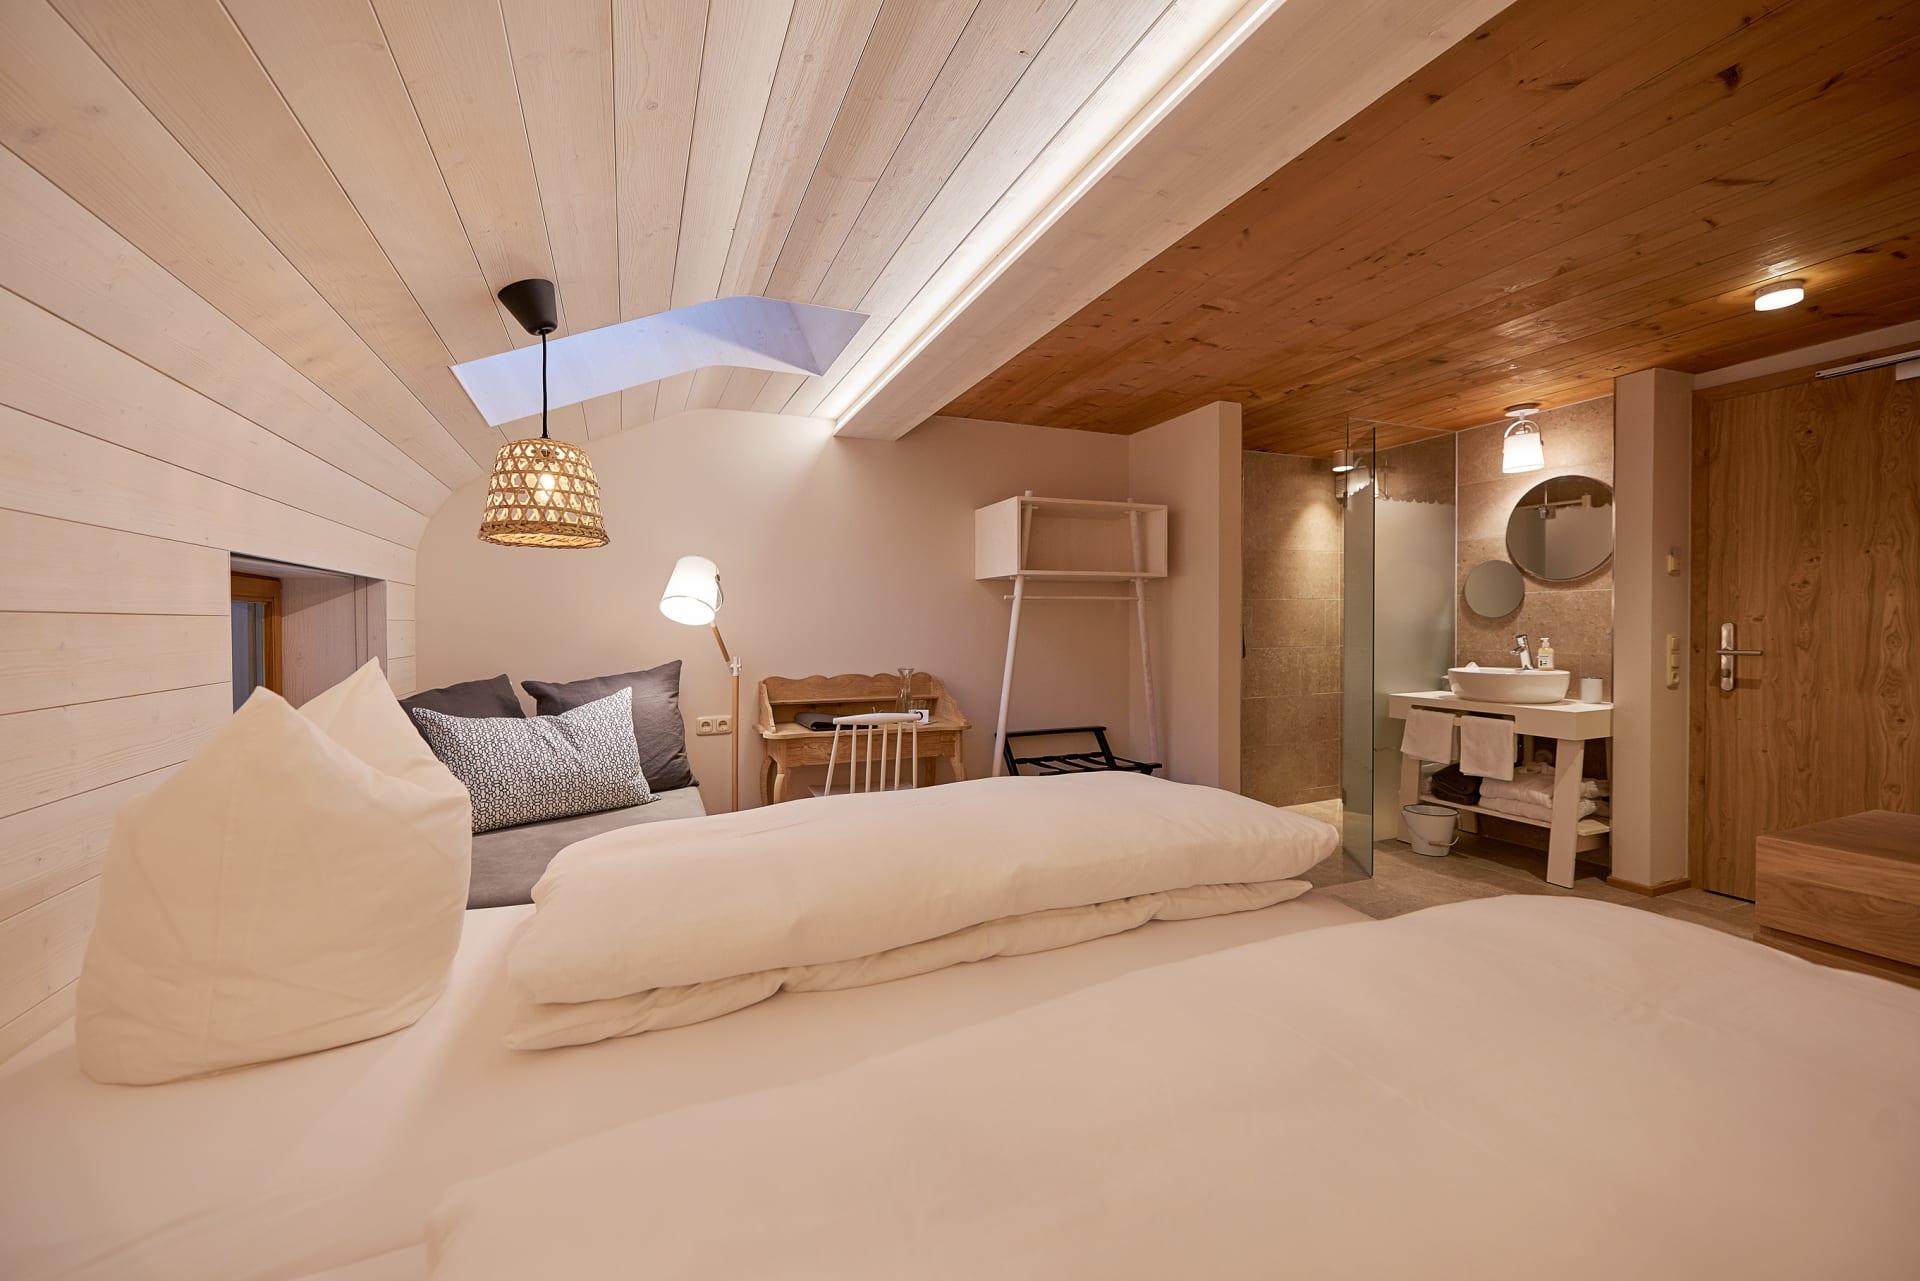 Zimmer Plauderbach